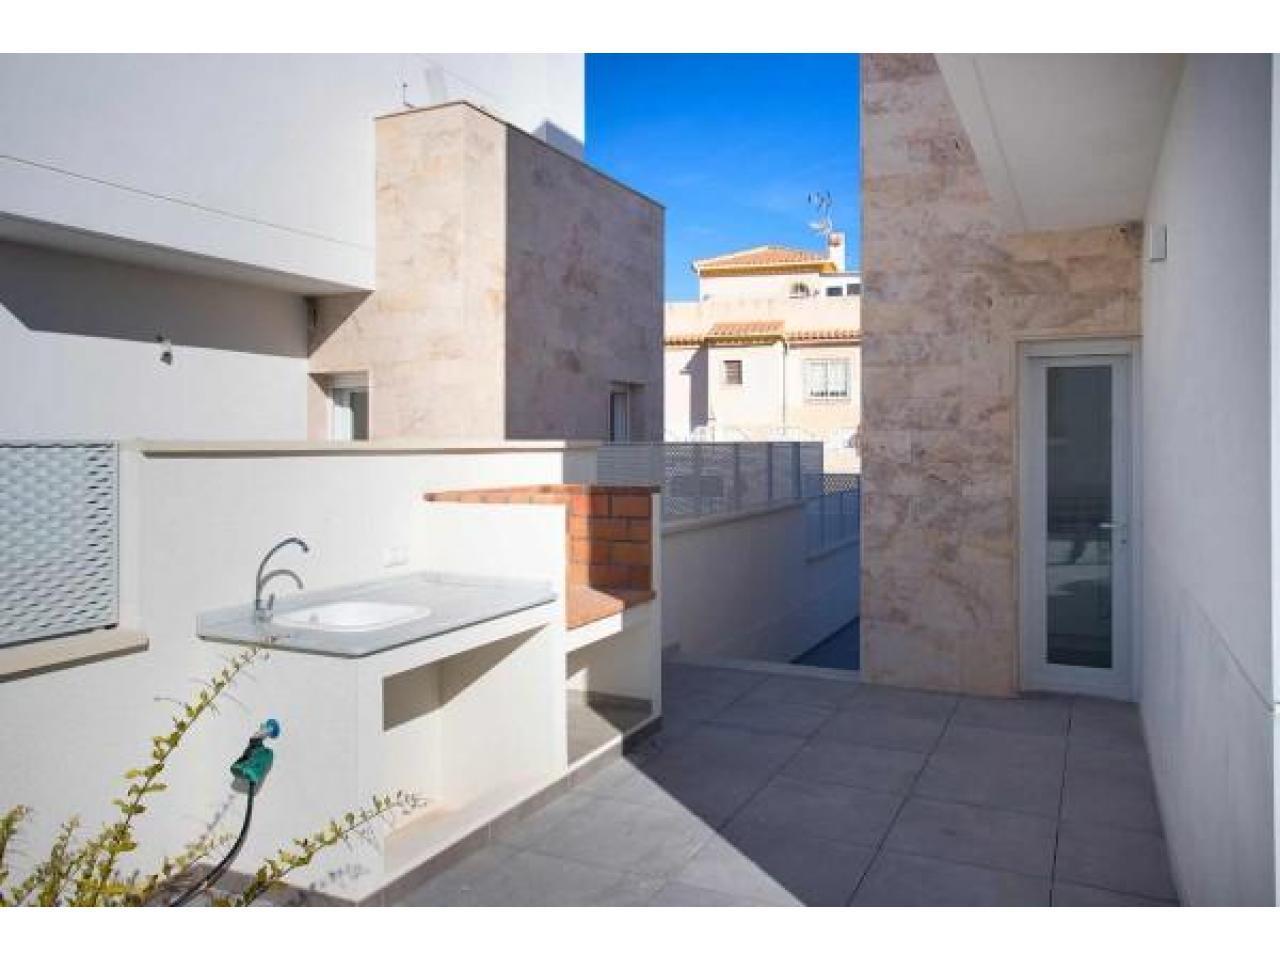 Недвижимость в Испании, Новая вилла рядом с пляжем от застройщика в Торревьеха,Коста Бланка,Испания - 9